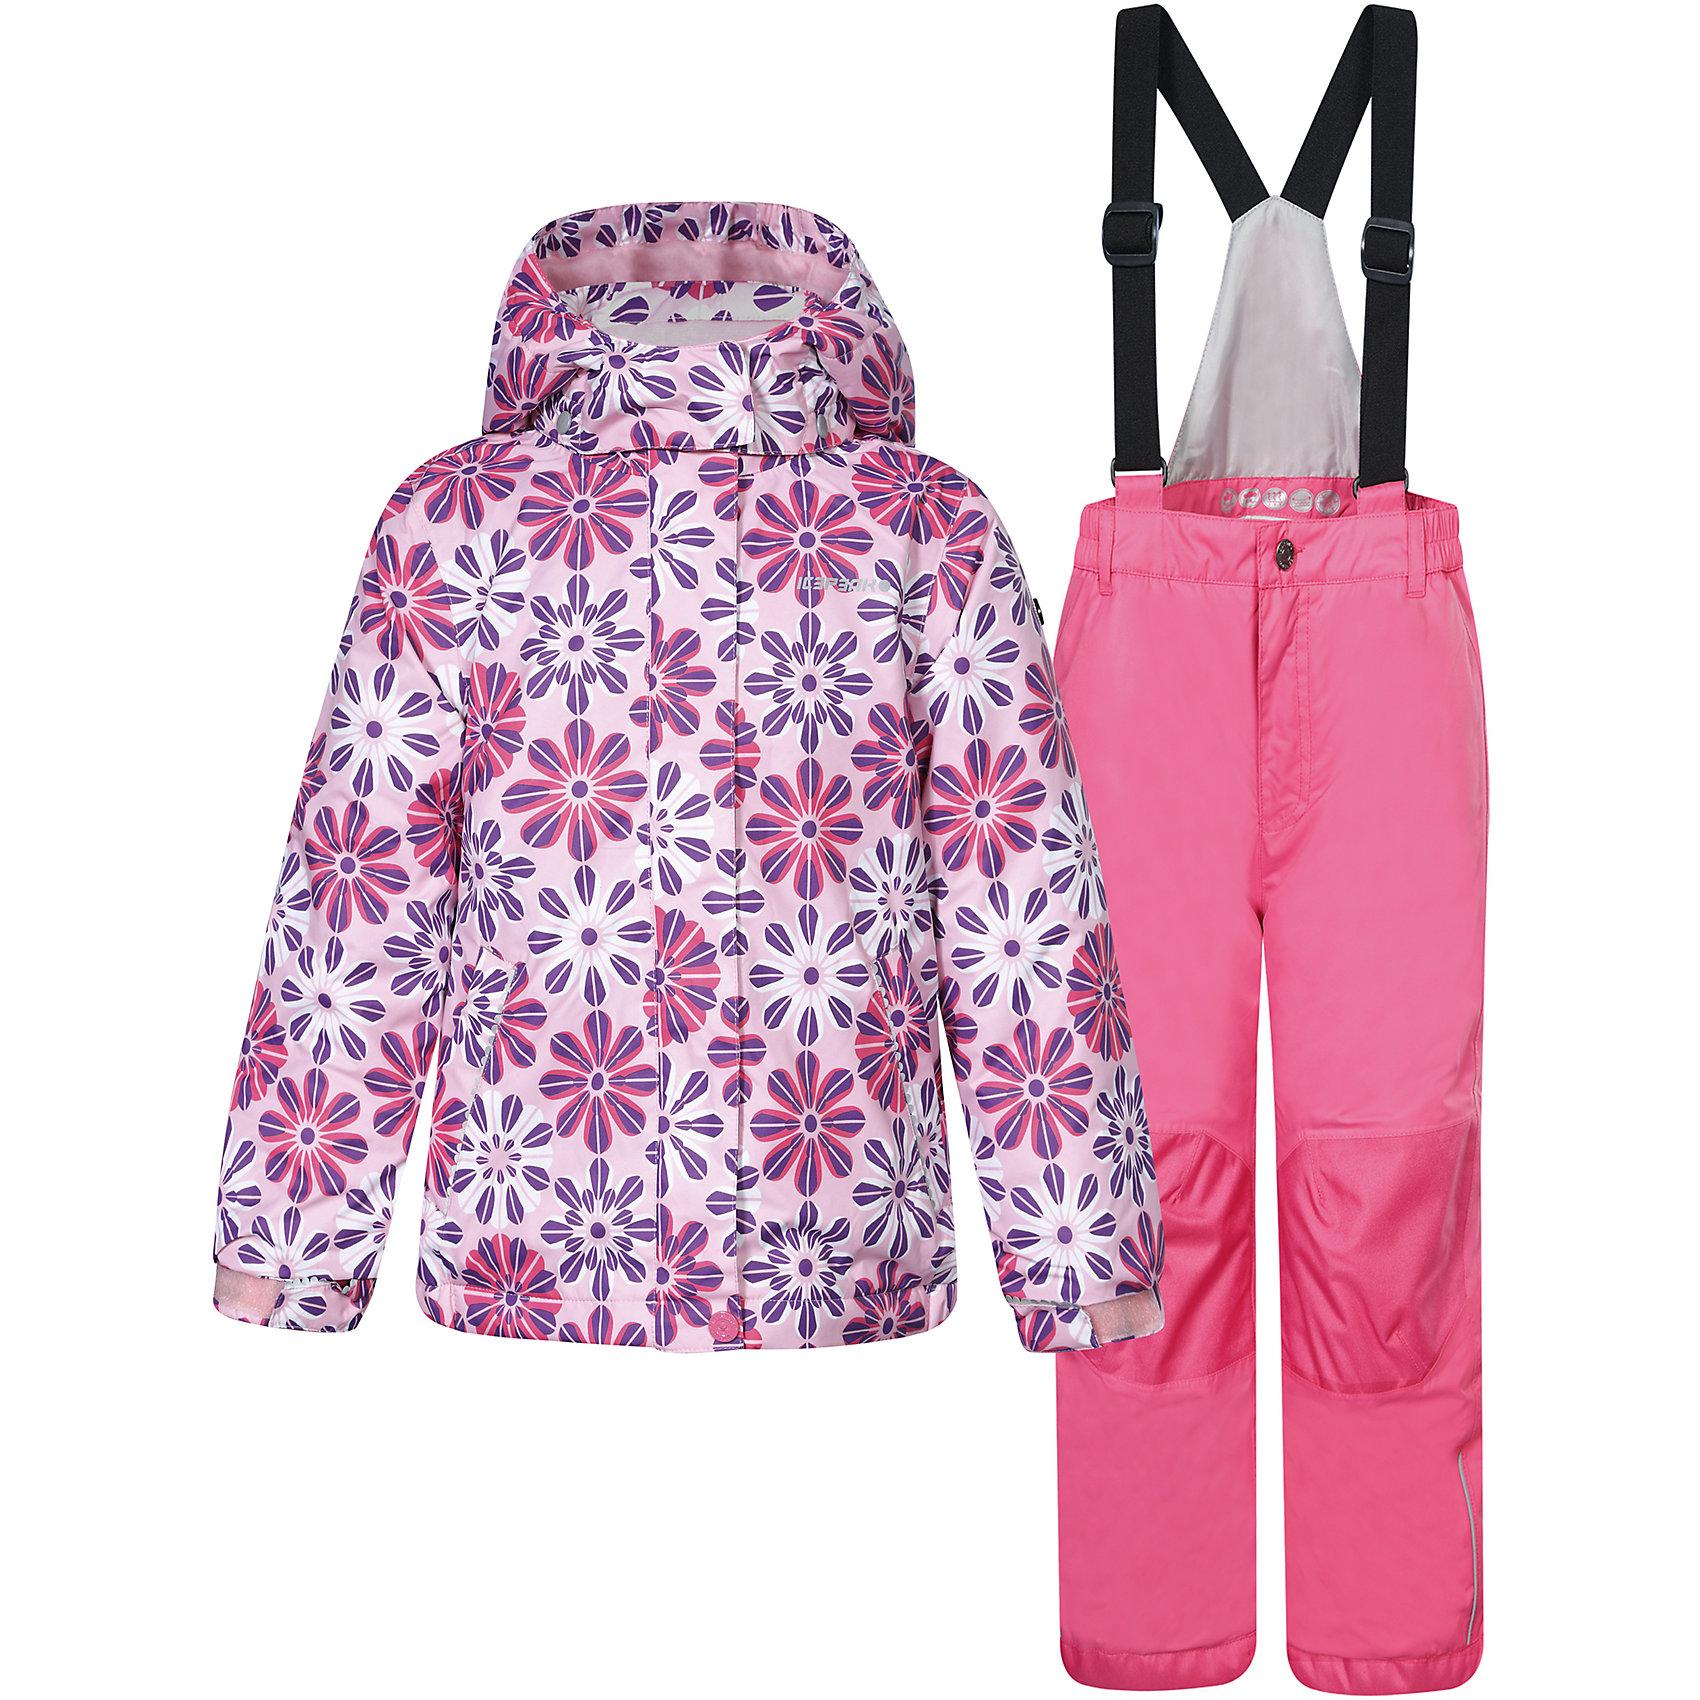 """Комплект: куртка и брюки для девочки ICEPEAKКомплект: куртка и брюки для девочки ICEPEAK. <br><br>Состав: 100% полиэстер <br><br>Куртка с отстегивающимся капюшоном, молния закрыта планкой<br>Регулируемый рукав на липучке, сформированный локоть<br>Два мягких боковый кармана на молнии<br>Мягкий и теплый внутренний воротник<br>Утяжка в нижней части куртки, на рукавах + 3 см. на вырост<br>Искусственный утеплитель Finnwad, утепление 200/160 гр.. рекомендованный температурный режим до -25 °. <br>Все швы прошиты.<br><br>Брюки на лямках со спинкой<br>Завышенная талия по спине для комфорта<br>Эластичный пояс<br>Сформированное колено<br>Утяжка в нижней части брюк, усиленное колено и задняя часть брюк<br>Искусственный утеплитель Finnwad, утепление 120 гр.  <br><br>Технологии: <br>Icemax, 5000/2000, <br>""""Дышаший"""" и водонепроницаемый материал с характеристиками 5000mm/2000g/m2/24h, надёжно защищают даже в суровых погодных условиях. """"Дышашие"""" свойства изделия позволят чувствовать себя комфортно даже при длительном нахождении на улице.<br>Children's safety<br>Правила безопасности - изделия произведены в полном соответствии с требованиями безопасности для детей: отстегивающийся капюшон, безопасная утягивающаяся тесьма в кармашках, светоотражатели.<br><br>Ширина мм: 356<br>Глубина мм: 10<br>Высота мм: 245<br>Вес г: 519<br>Цвет: розовый<br>Возраст от месяцев: 18<br>Возраст до месяцев: 24<br>Пол: Женский<br>Возраст: Детский<br>Размер: 92,98,110,122,116,104<br>SKU: 4220941"""